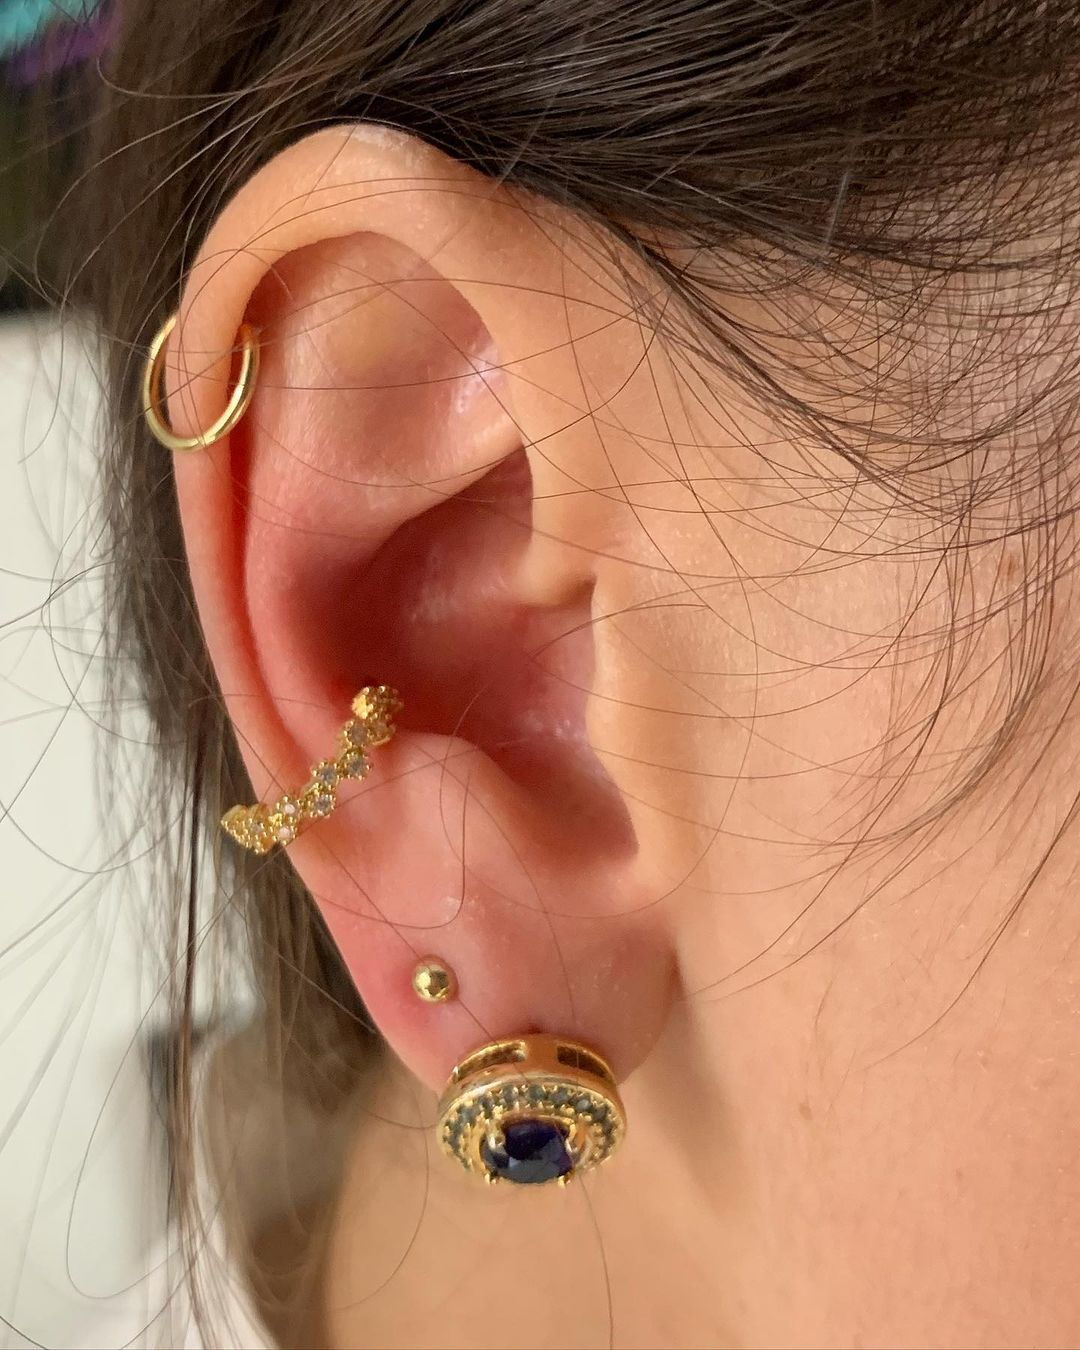 1614906213 762 15 inspiraciones de perforacion de labret y consejos para perforar - 30 fotos de piercing en orejas para querer el tuyo hoy